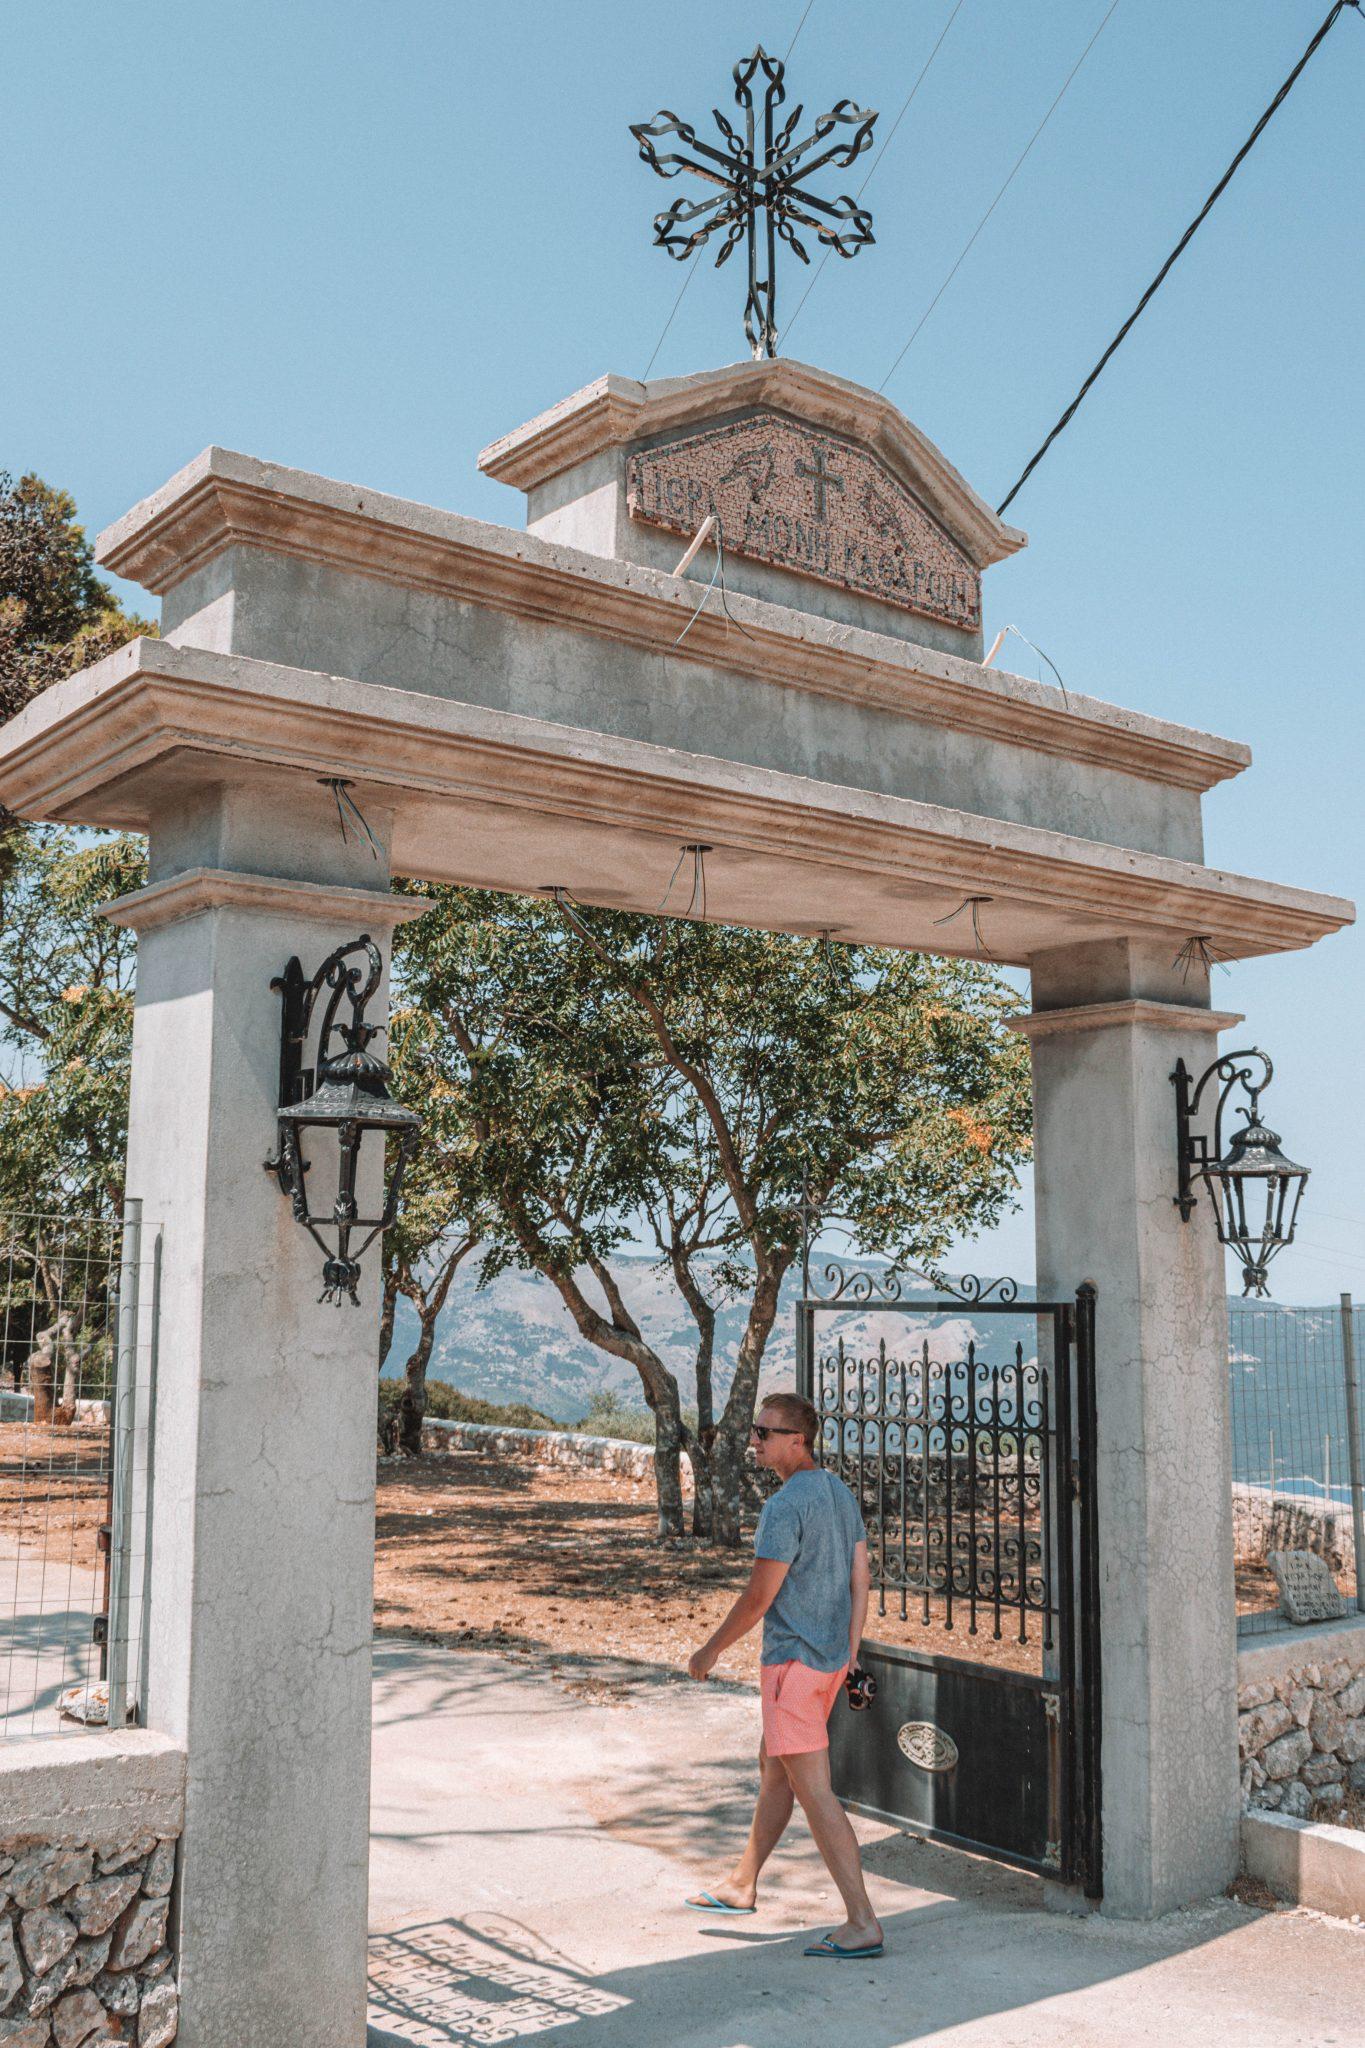 Atrações turísticas em Ithaca Grécia